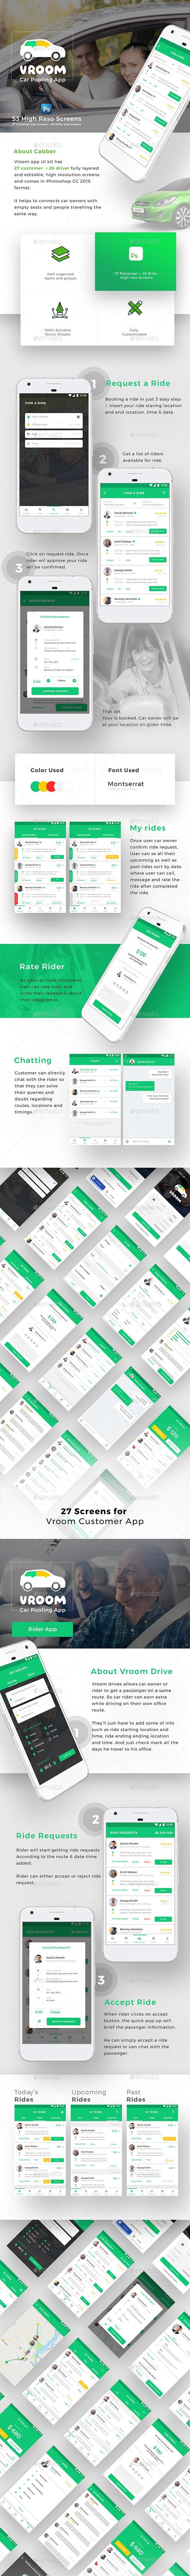 Car Pooling App Ui Set 53 High Reso Screens Vroom By Opuslabsin